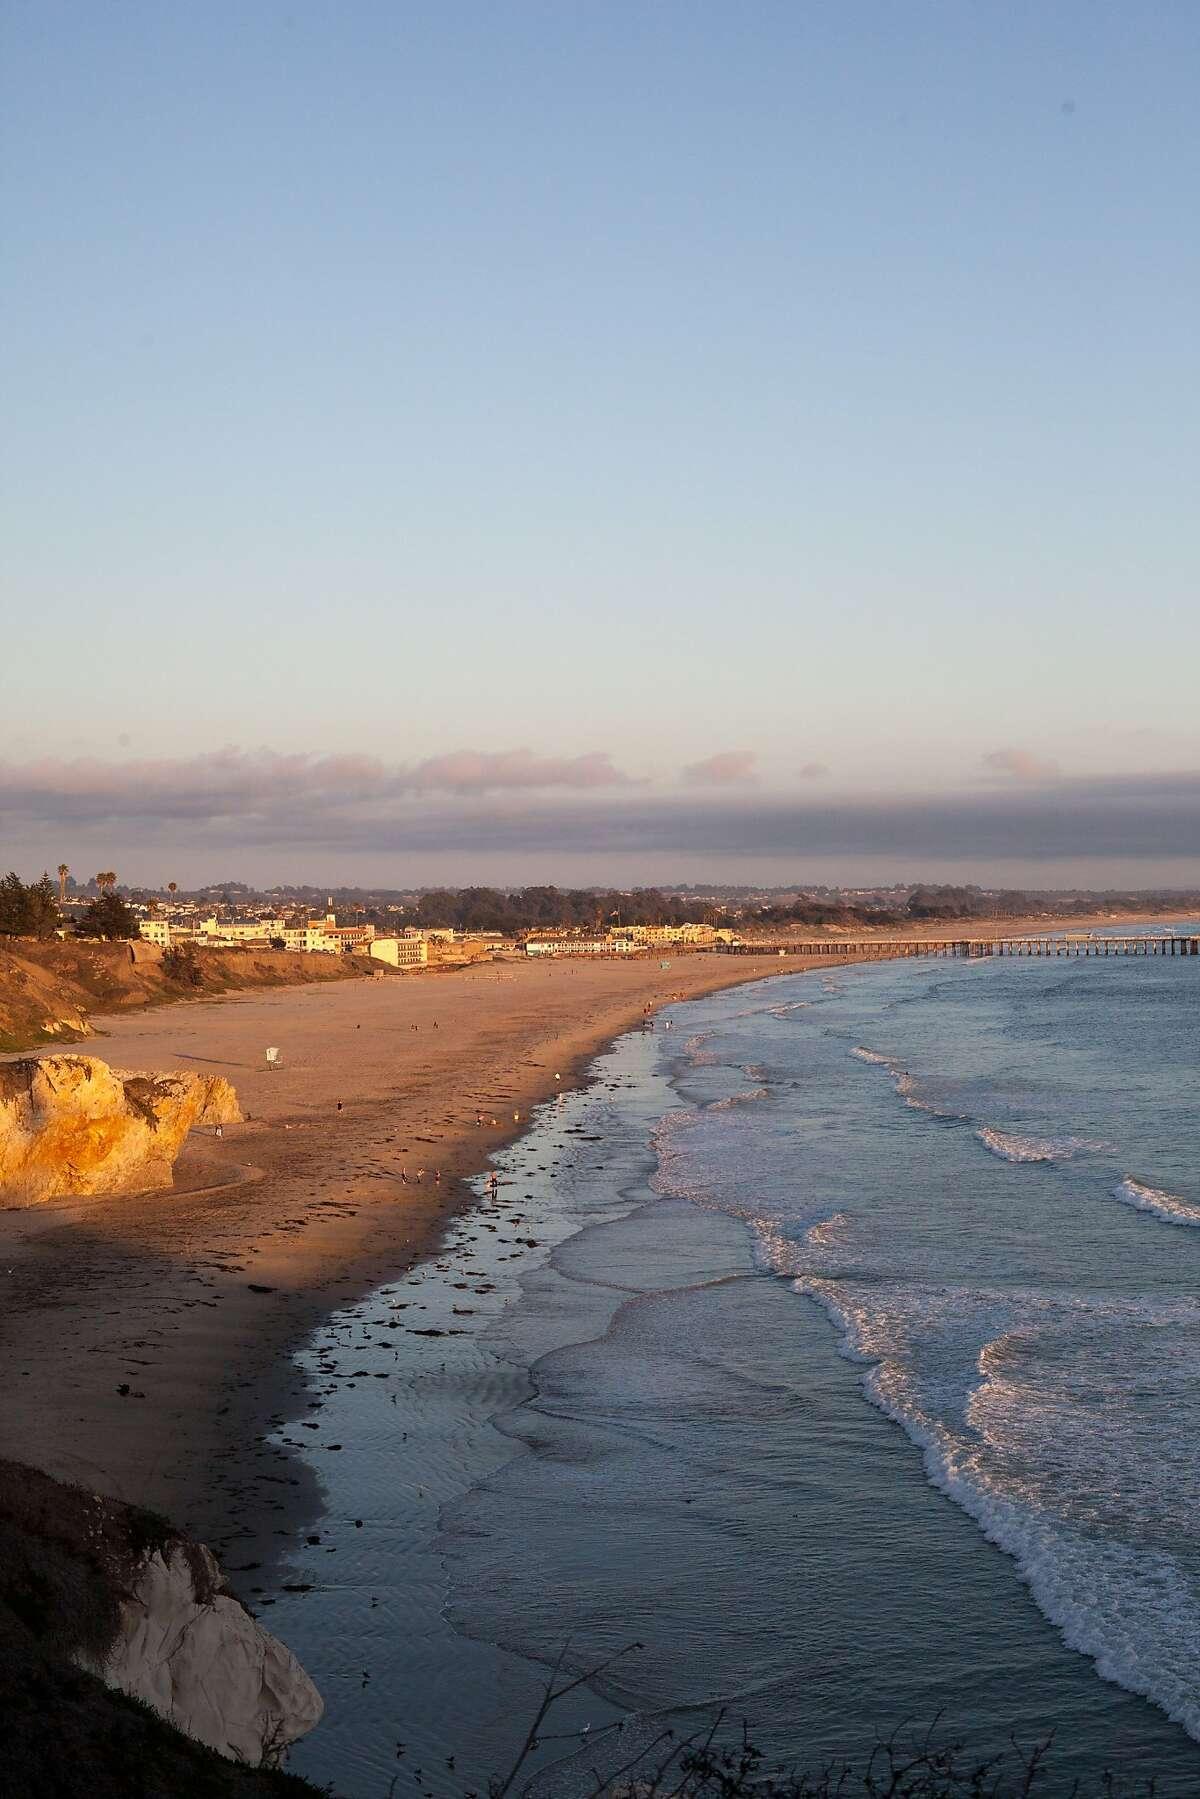 This is Pismo Beach, Calif., Thursday July 16, 20015. (photo by Randi Lynn Beach)